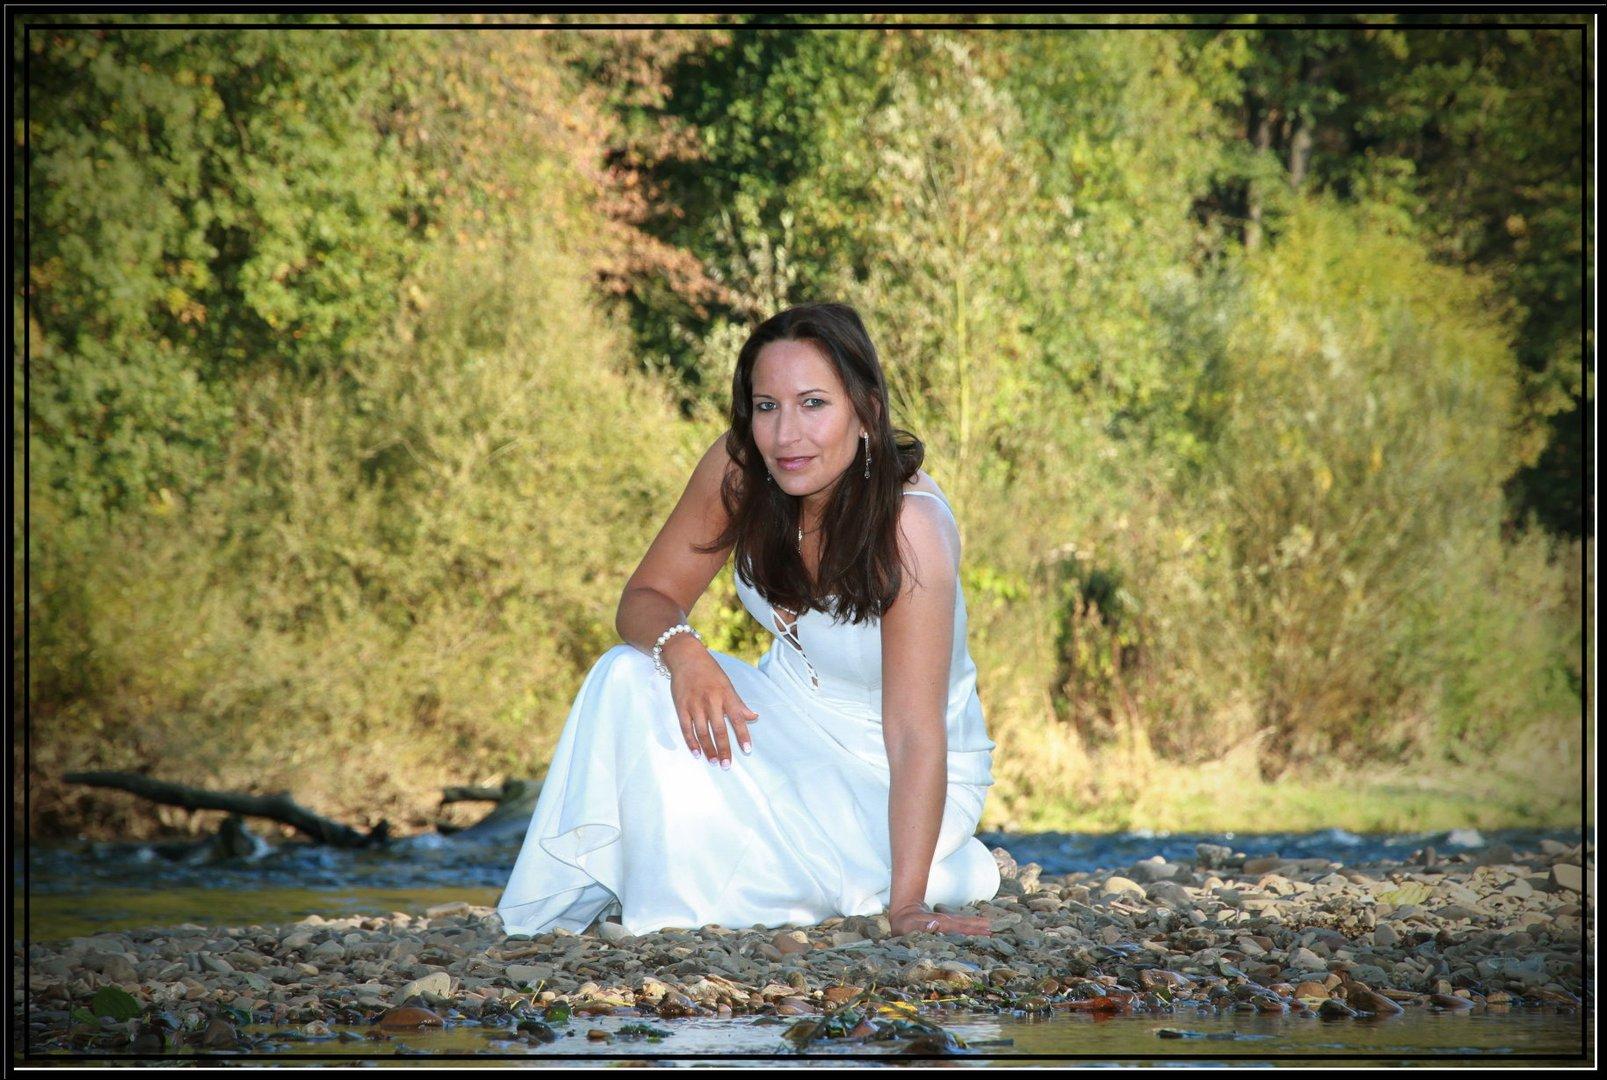 Sandra am Fluss